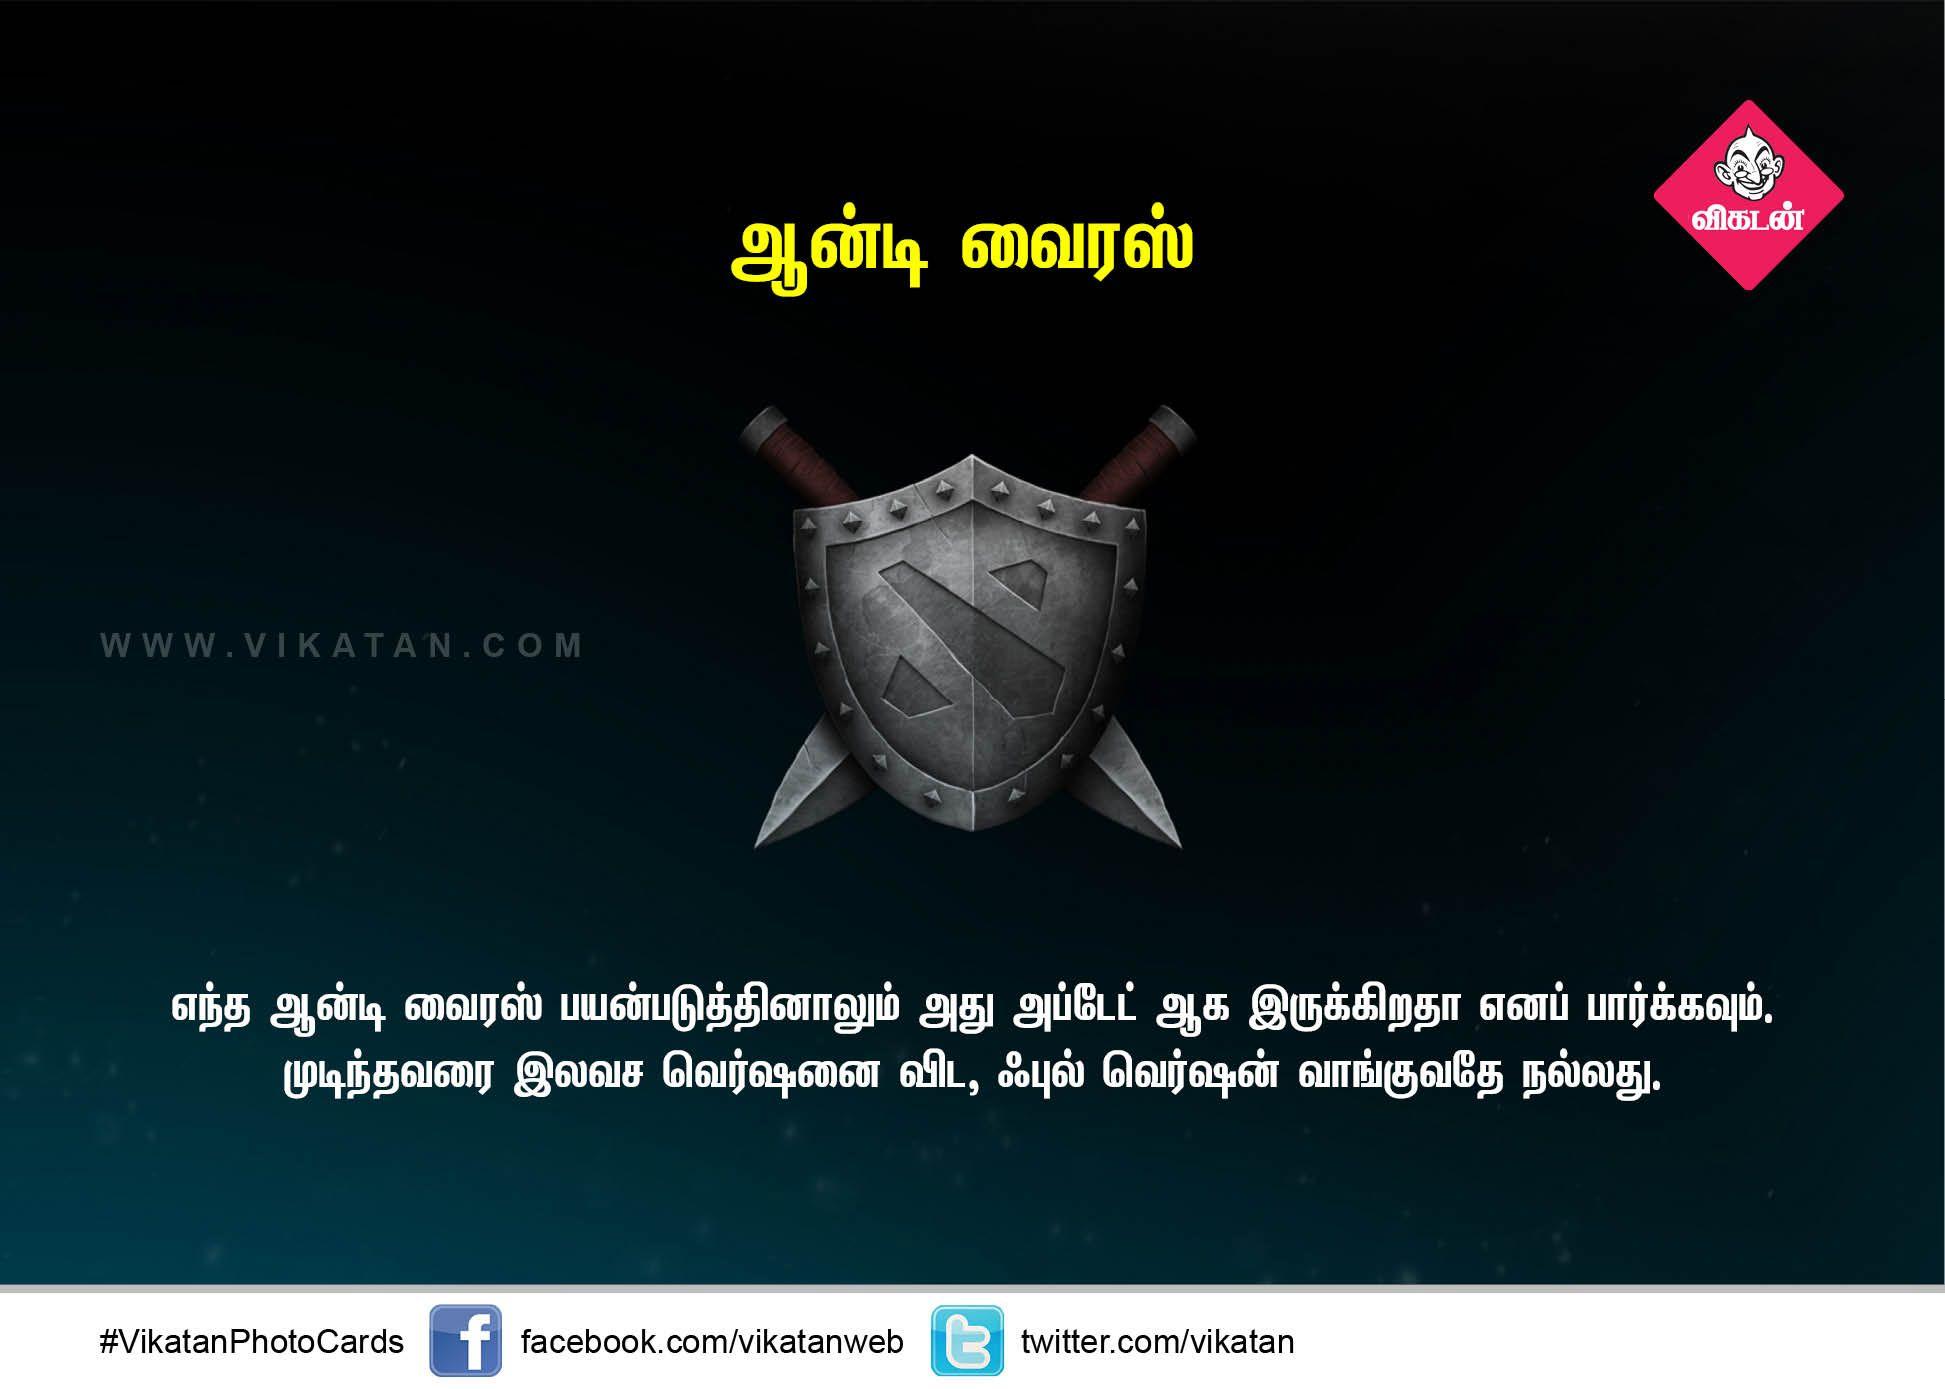 ஃபேஸ்புக் மற்றும் இமெயில்களை ஹேக்கர்களிடம் இருந்து காப்பாற்ற உதவும் 15 டிப்ஸ்! #VikatanPhotoCards